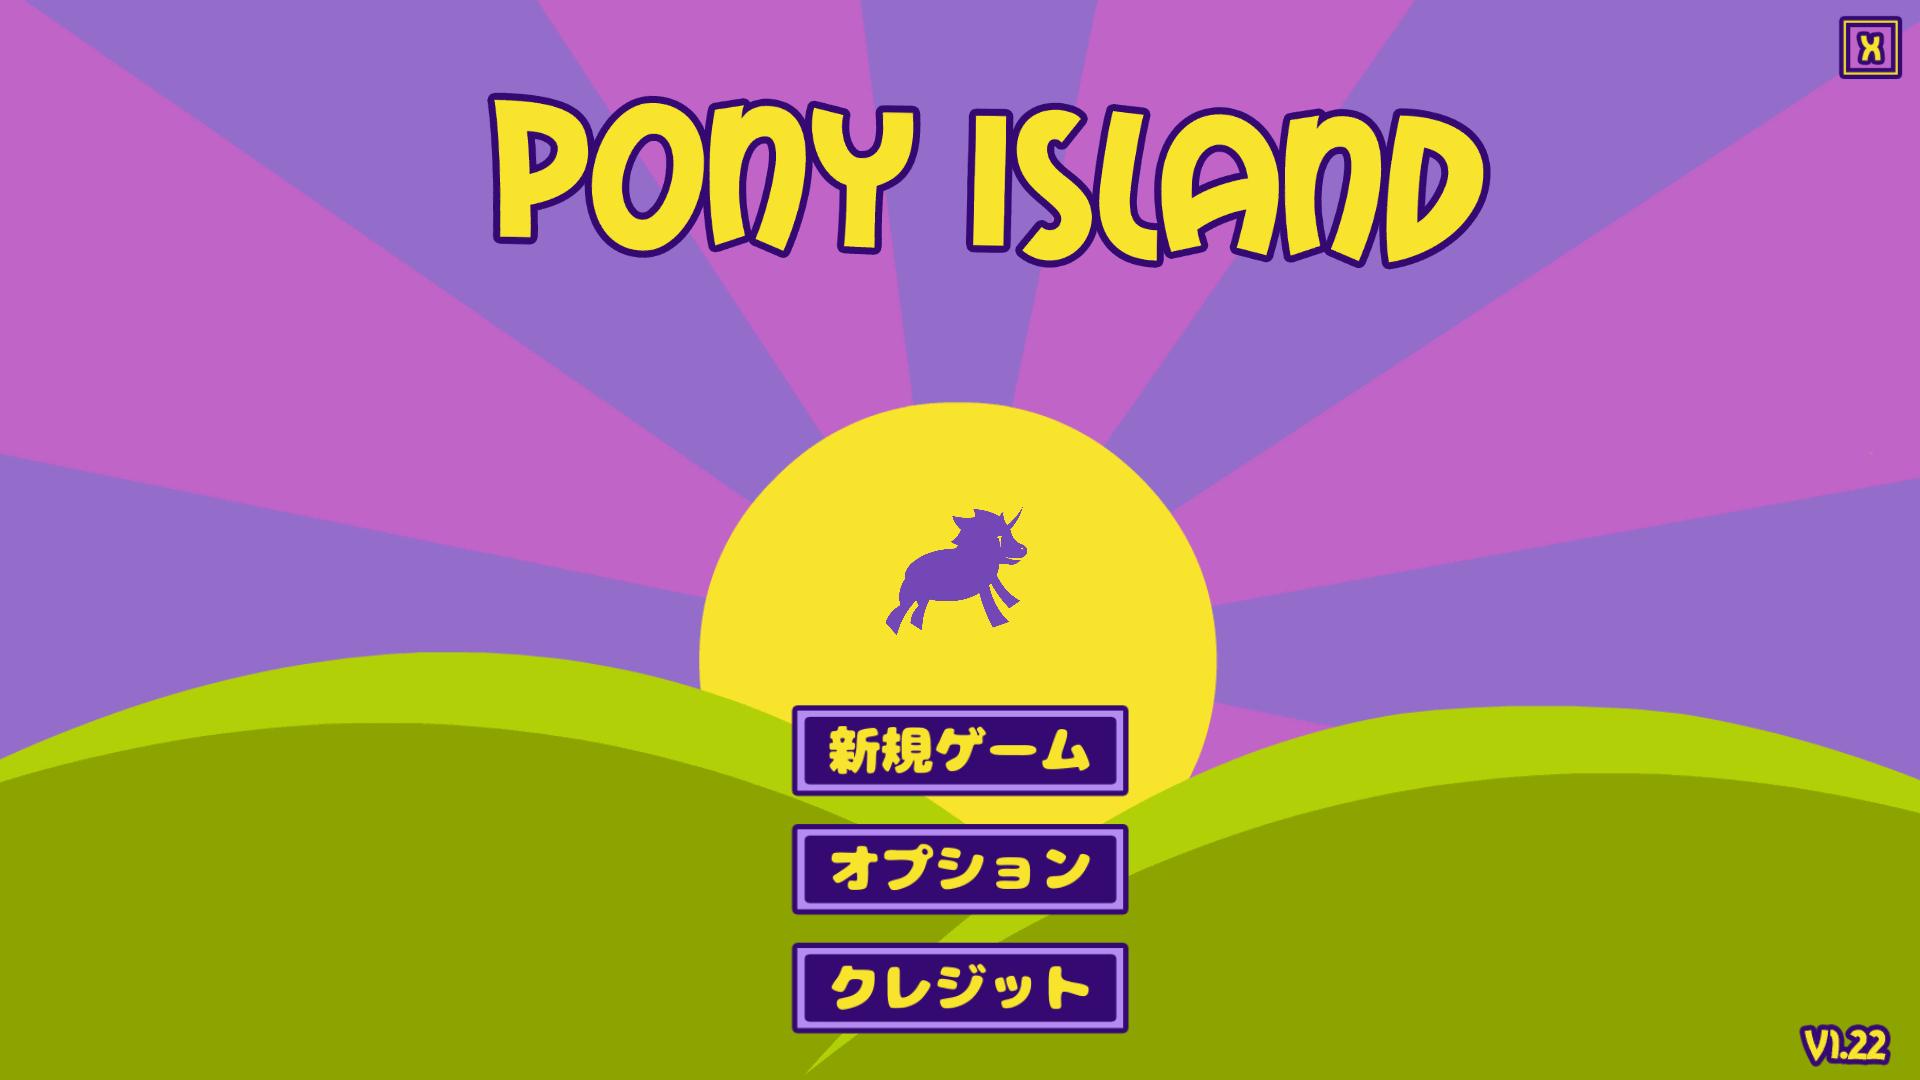 過去に公開された PC ゲーム Pony Island の日本語化ファイルを何とかして再現する方法、PC ゲーム Pony Island 日本語化方法、手順 5 : ゲーム内言語切り替え、ゲームを起動して OPTIONS を選択 → LANGUAGE SETTINGS を選択 → français を選択、タイトル画面に戻り日本語に変更されていれば成功